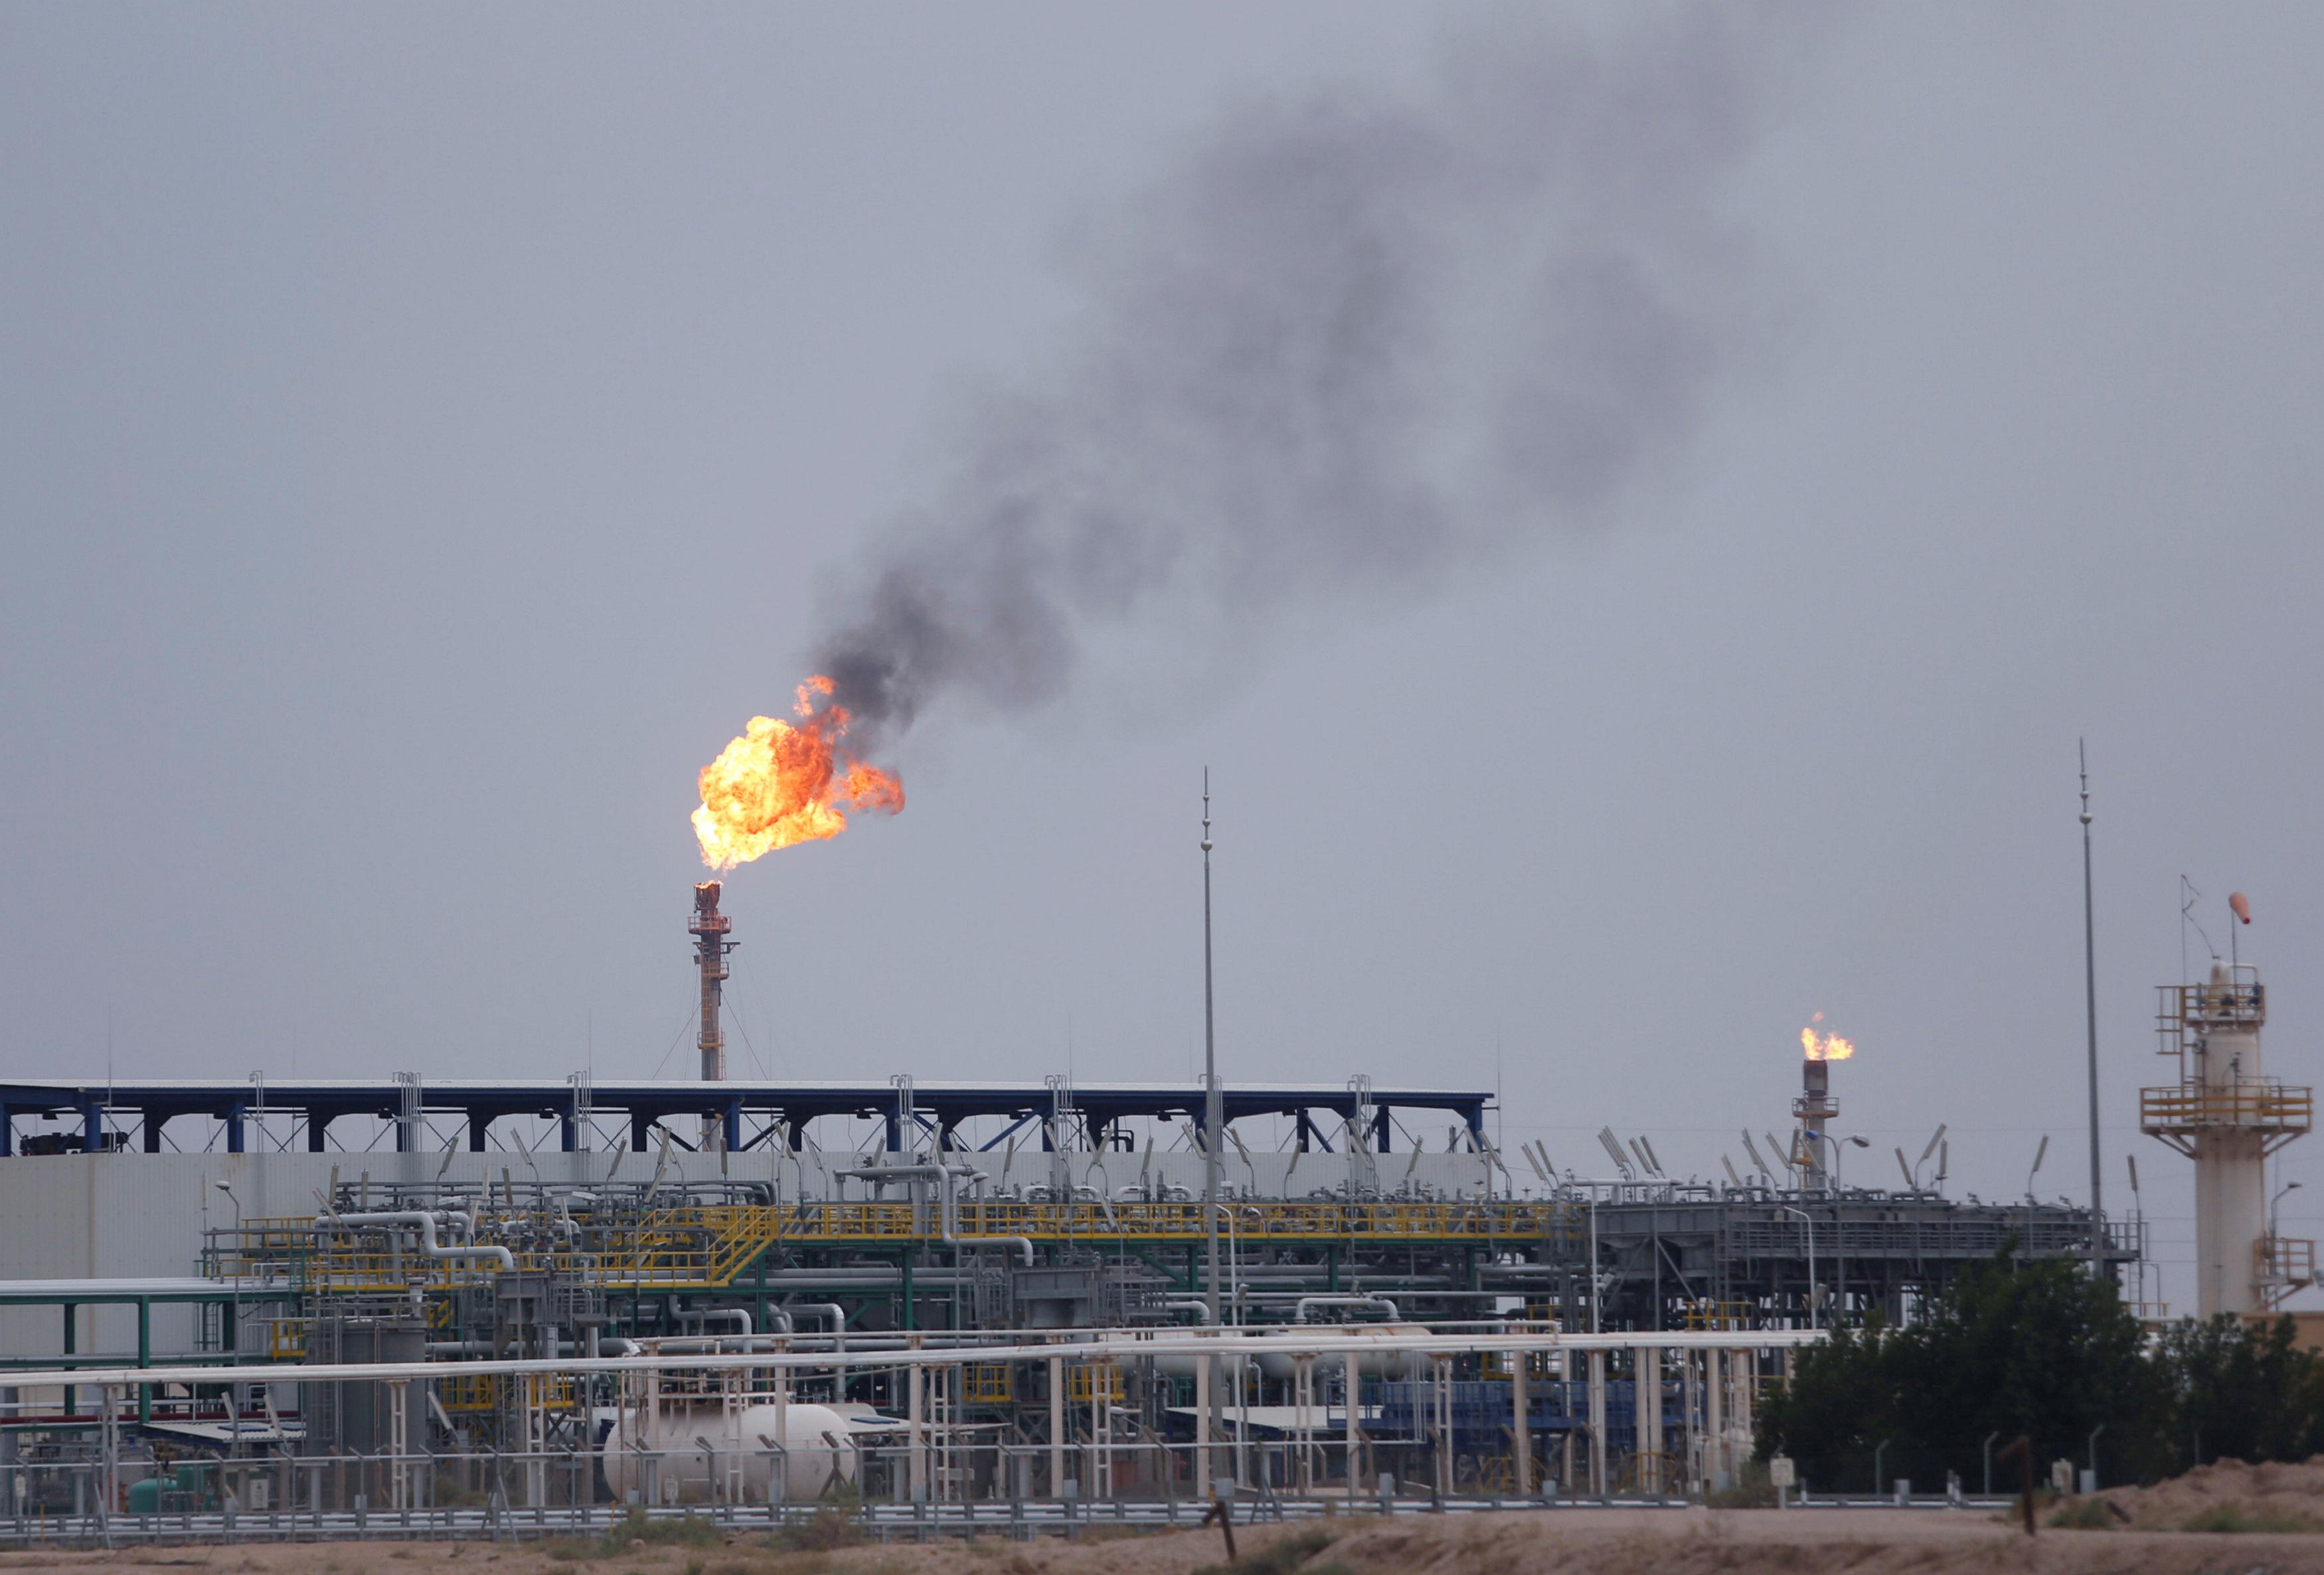 General view of al-Zubair oil field near Basra, Iraq April 21, 2020. REUTERS/Essam Al-Sudani